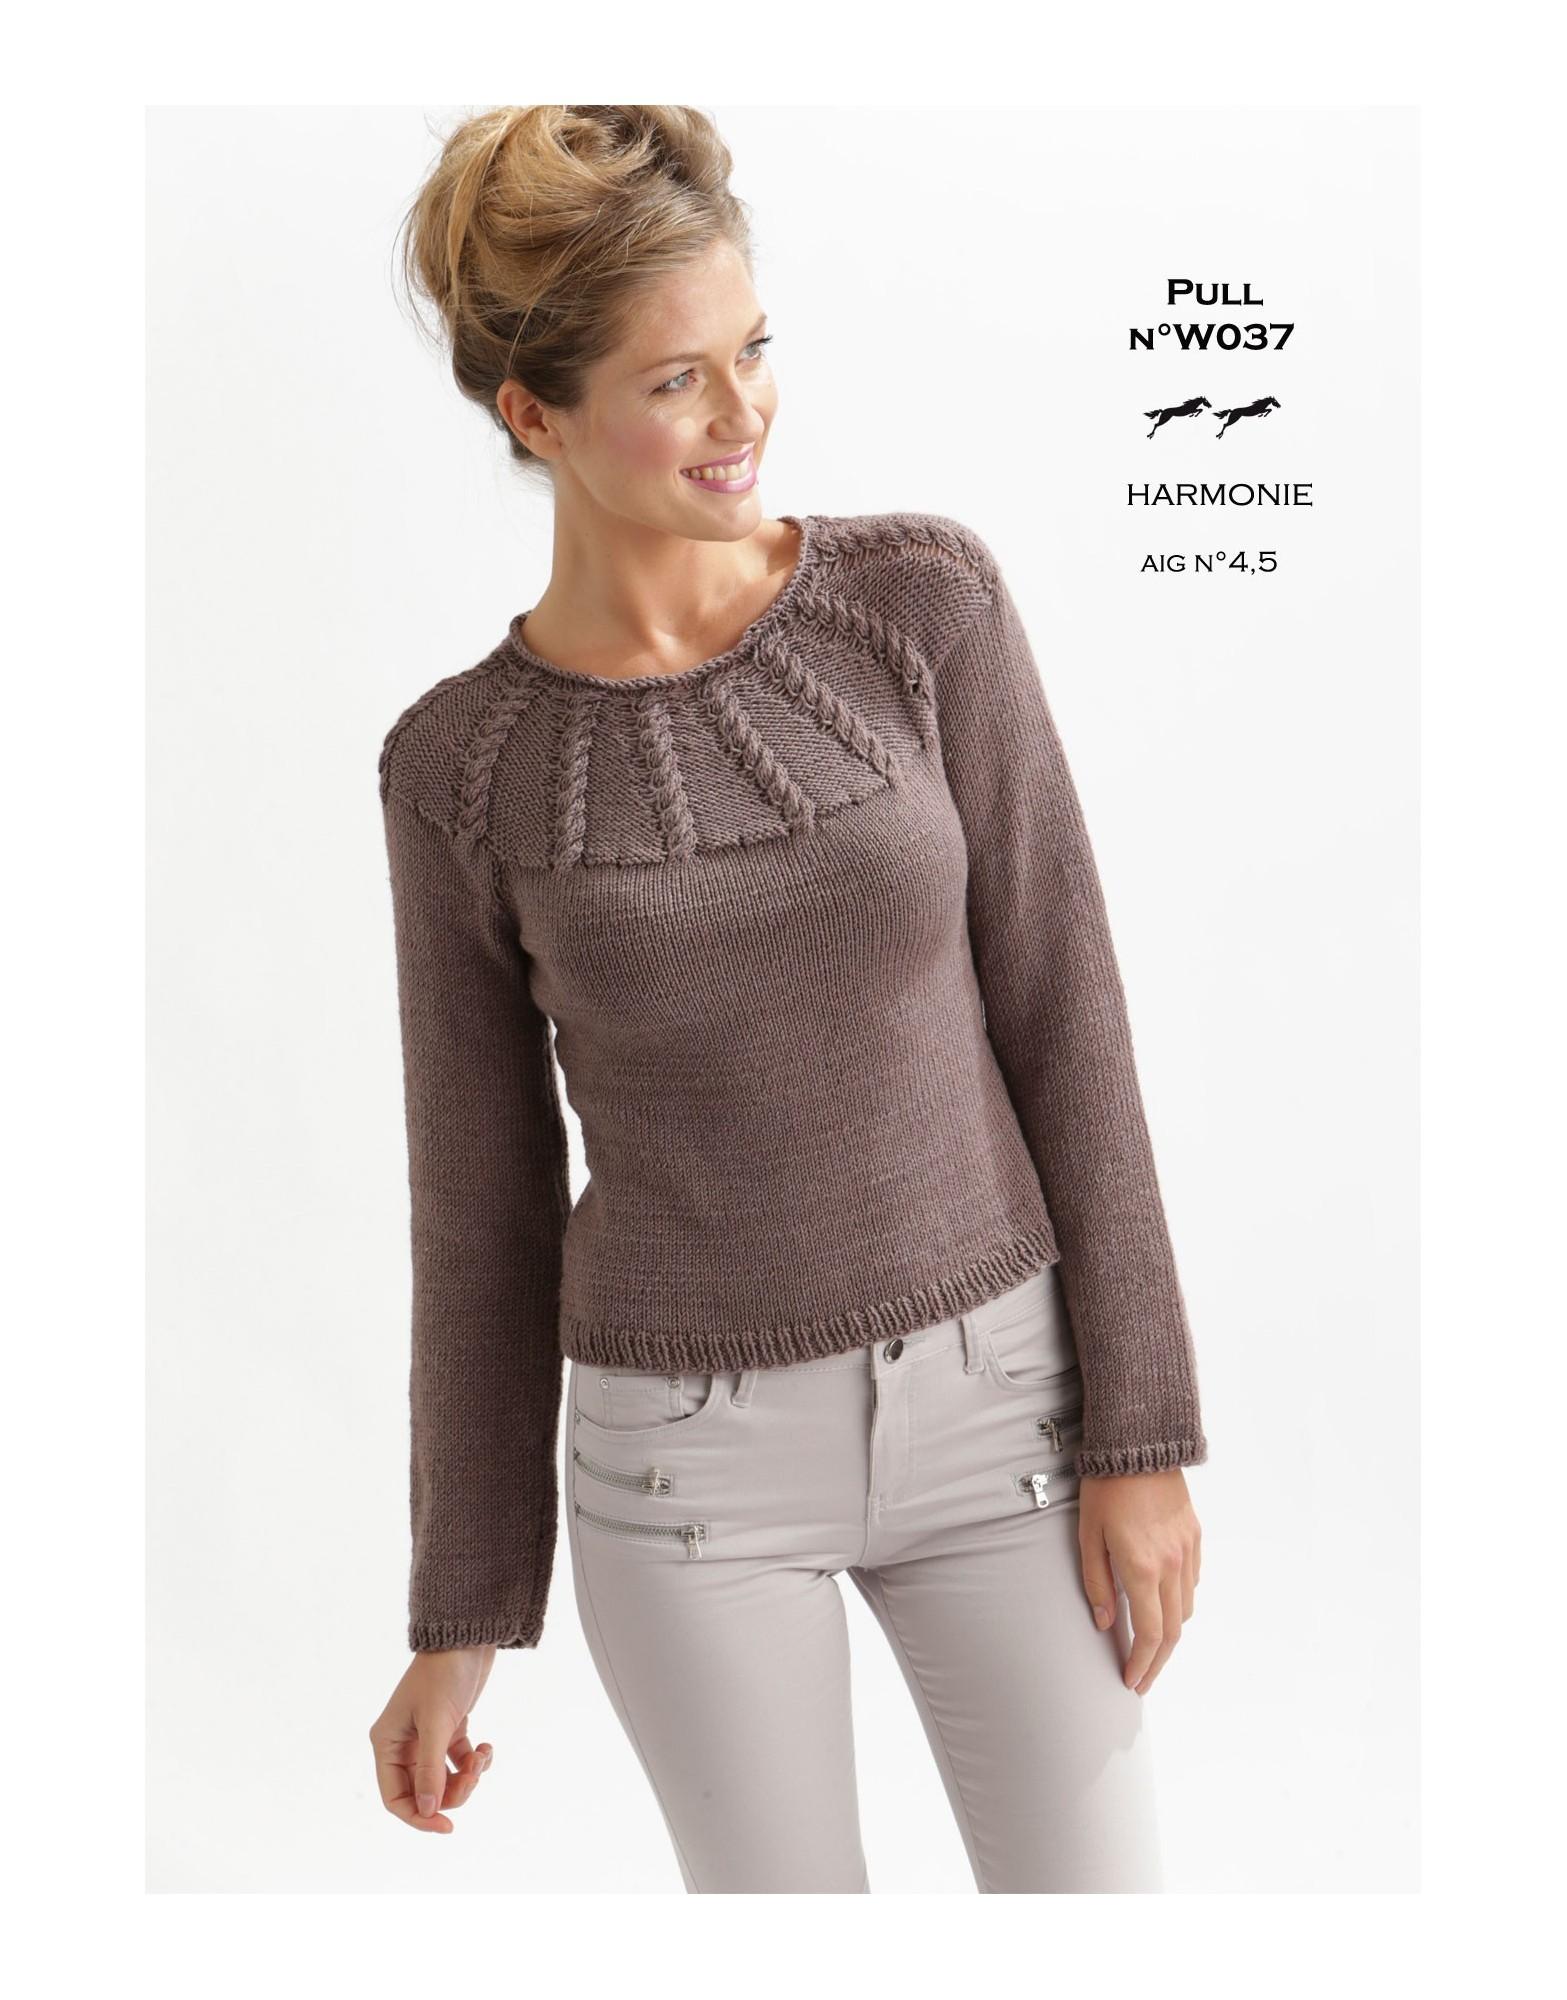 b38a744da6035 ... gratuit Modele tricot brassiere Modele de veste en laine a tricoter  pour femme ...